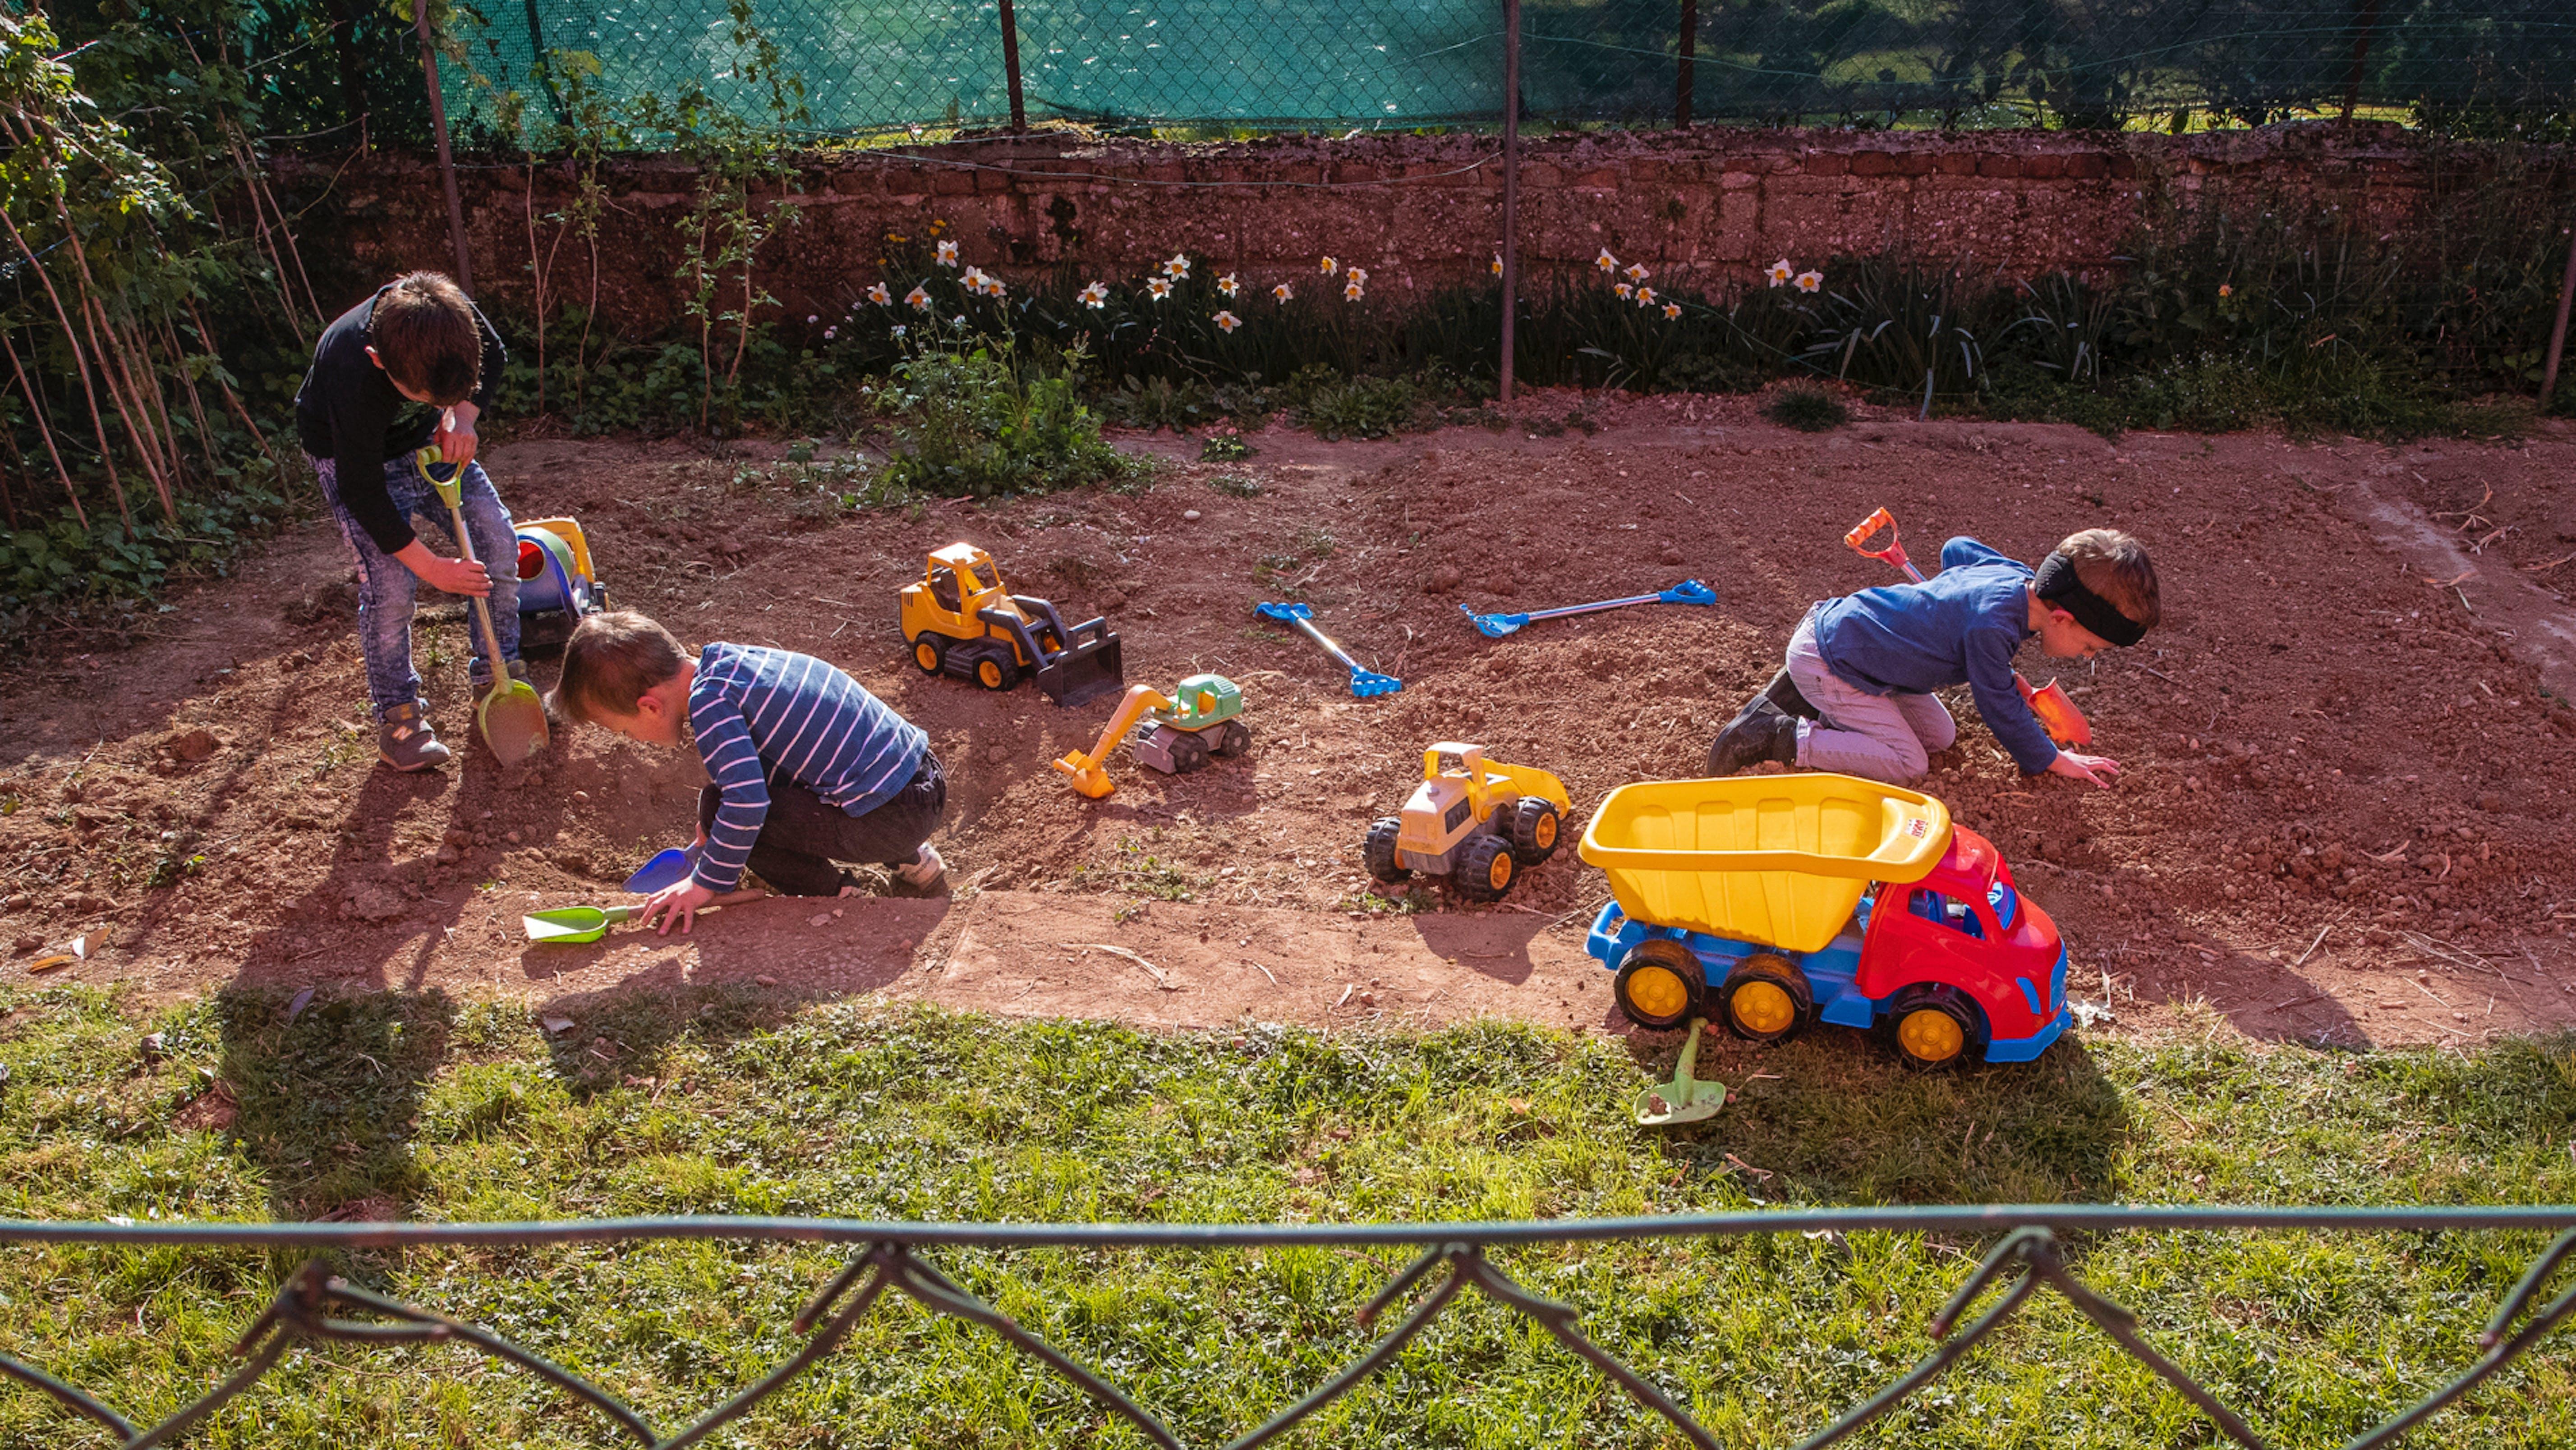 Bambini giocano in un giardino